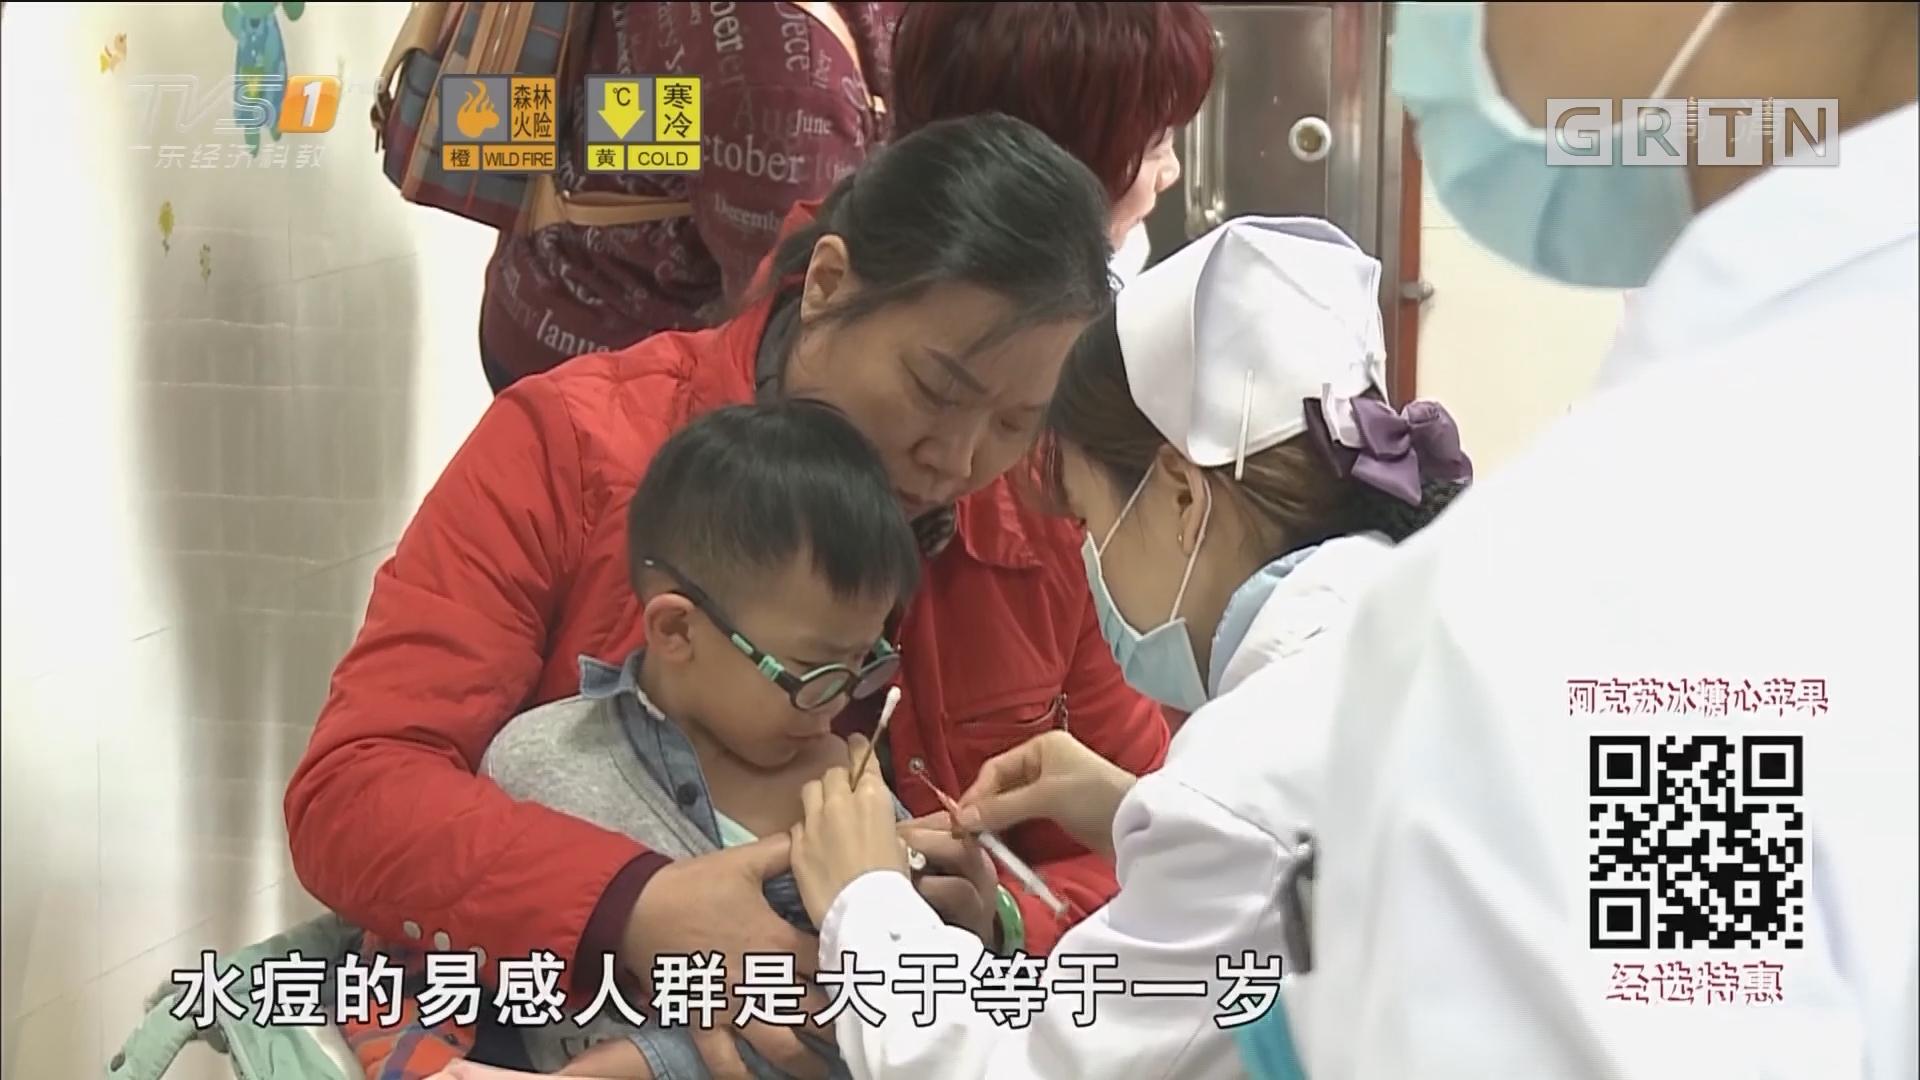 省疾控:广东进入水痘多发季 勿用阿司匹林退水痘热